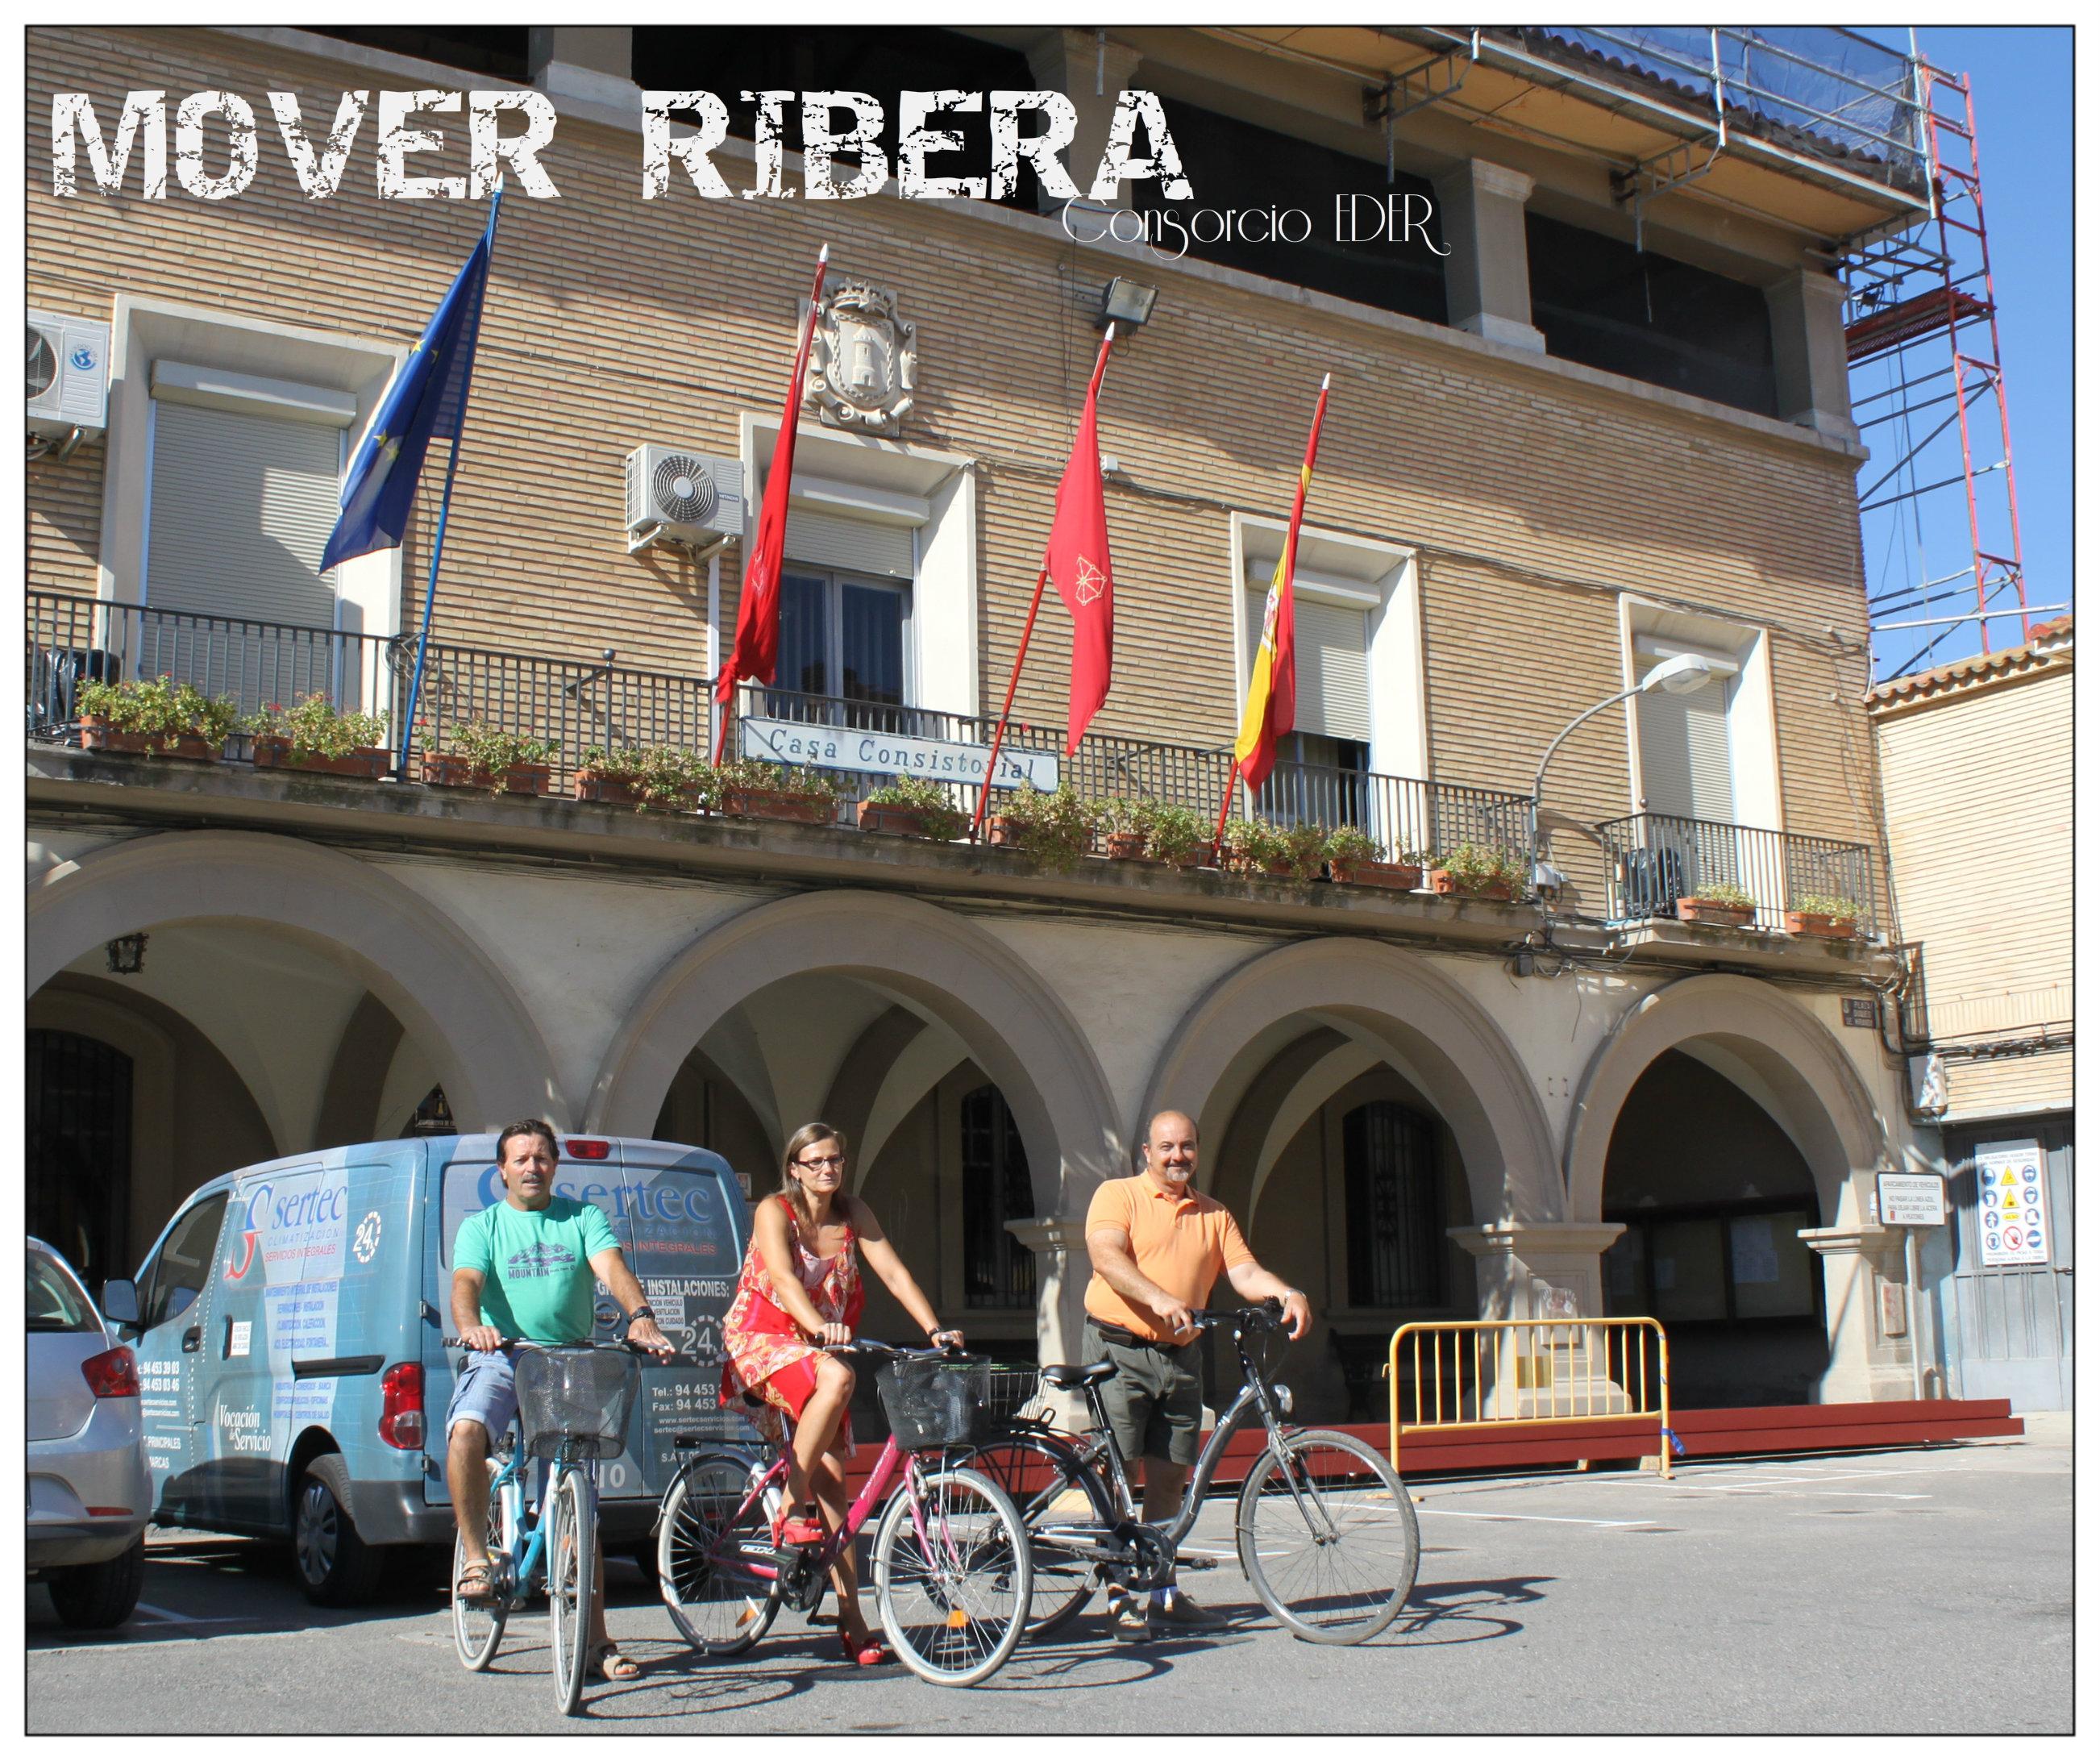 Cortes Mover Ribera